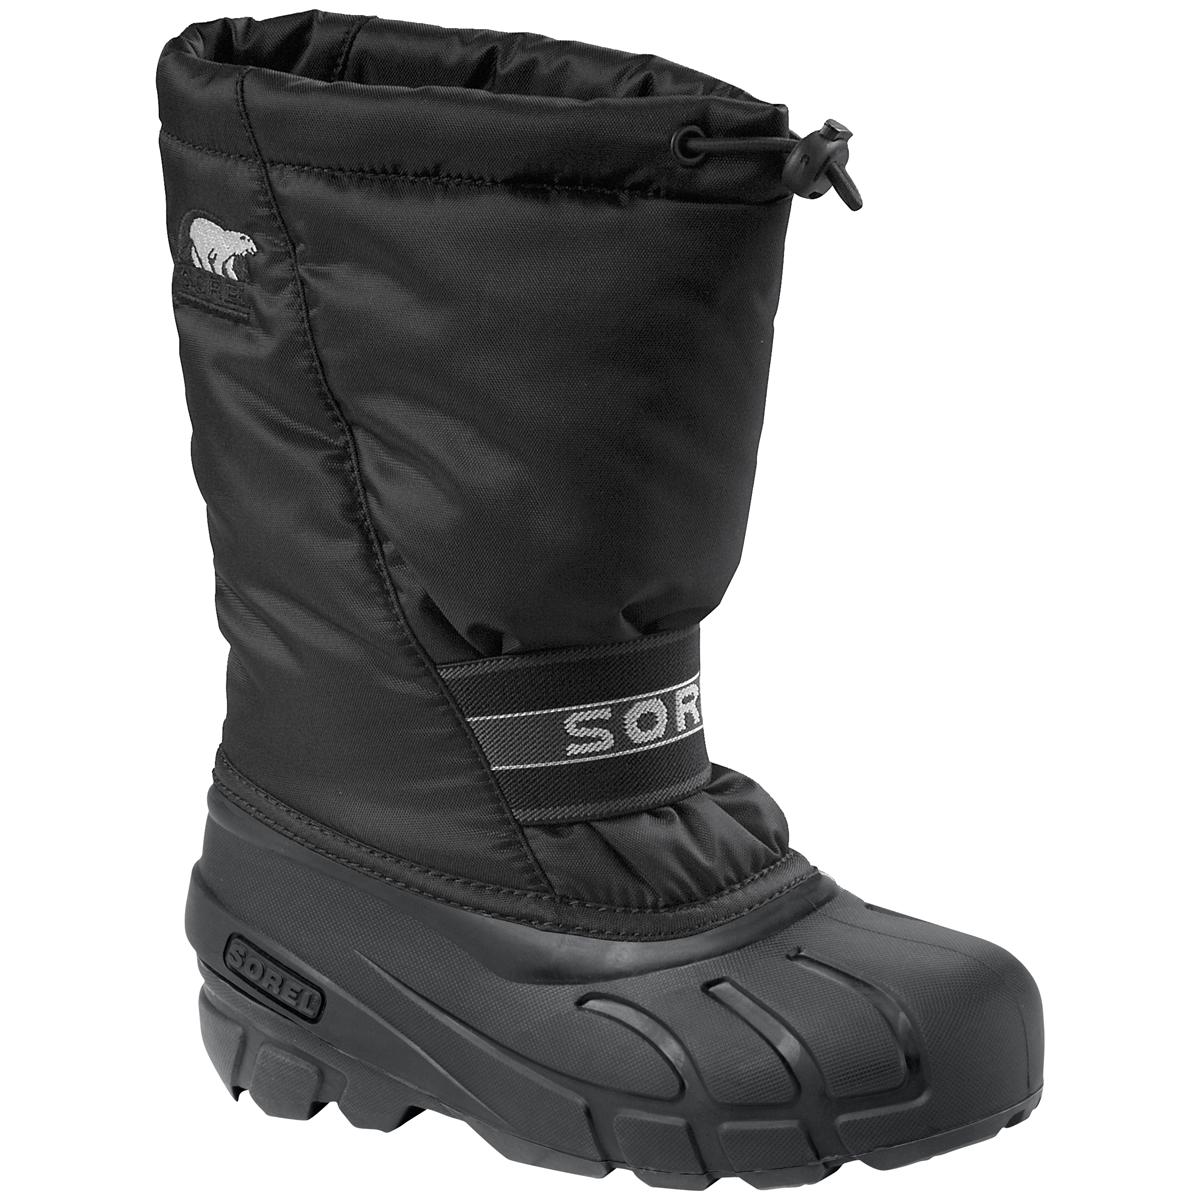 SOREL Kids' Cub Winter Boots - Eastern